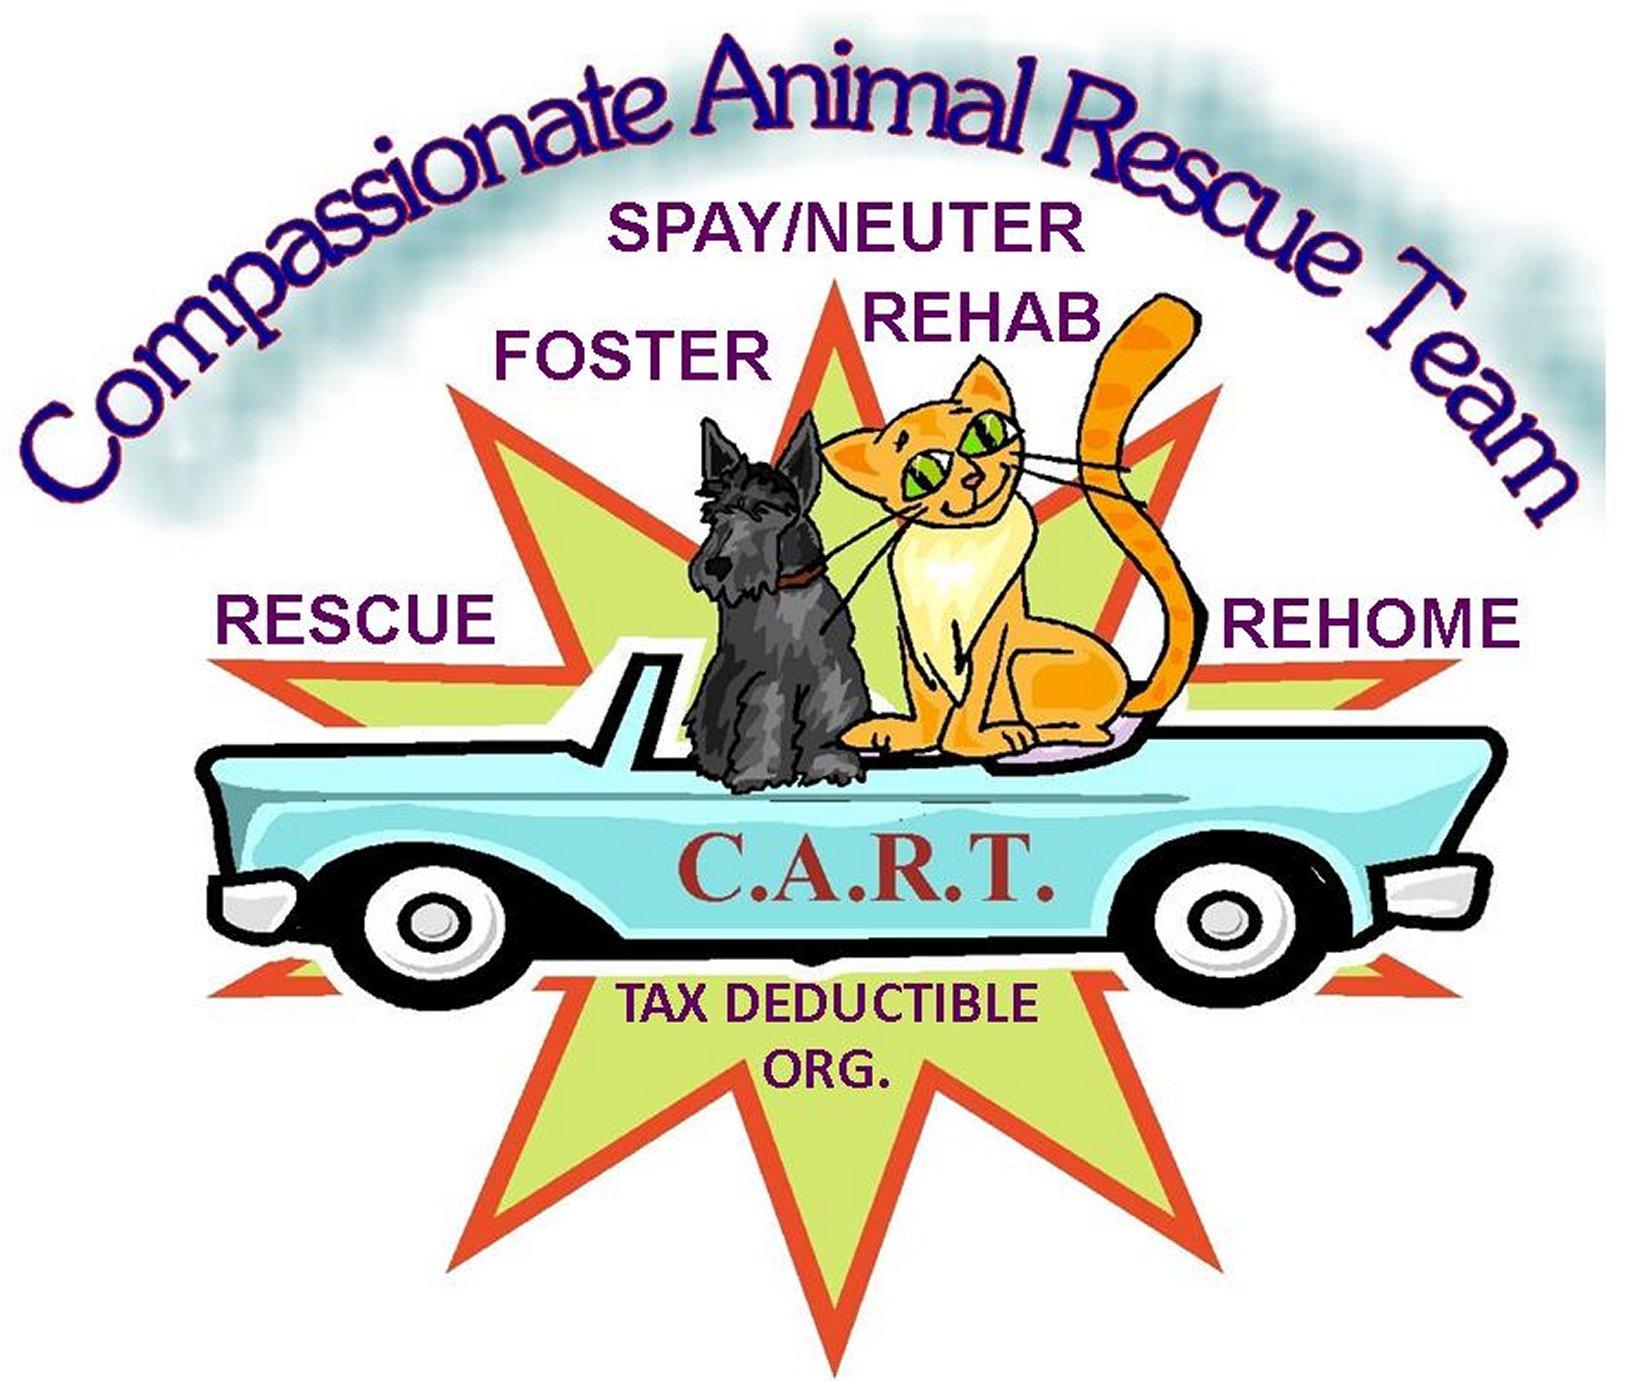 Compassionate Animal Rescue Team